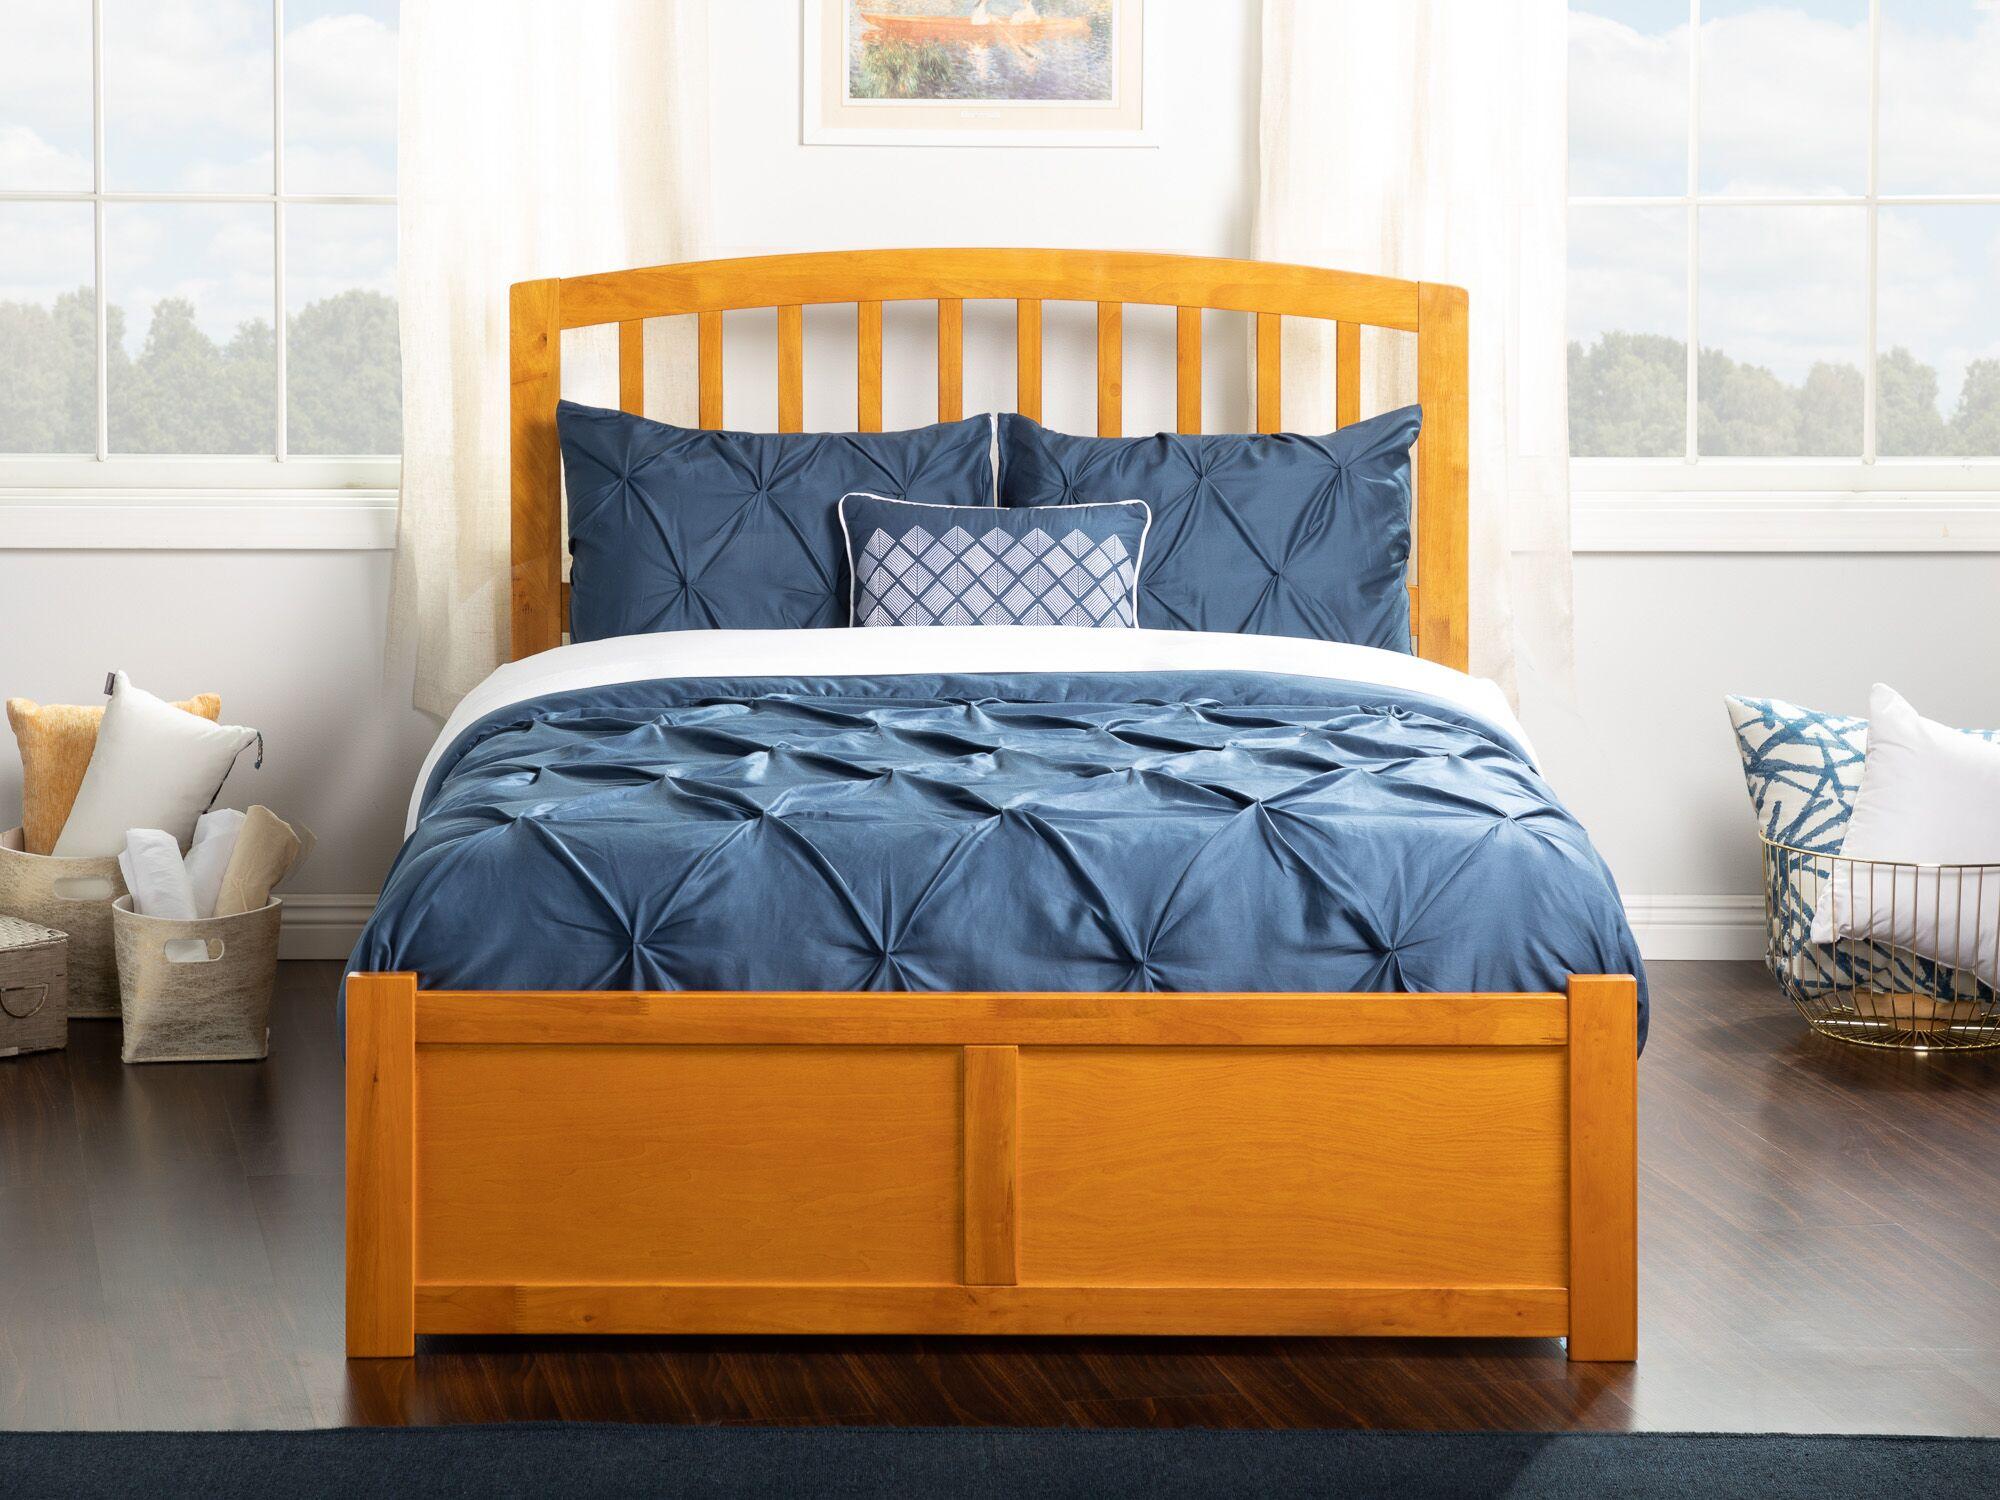 Wrington Storage Platform Bed Color: Caramel Latte, Size: Full